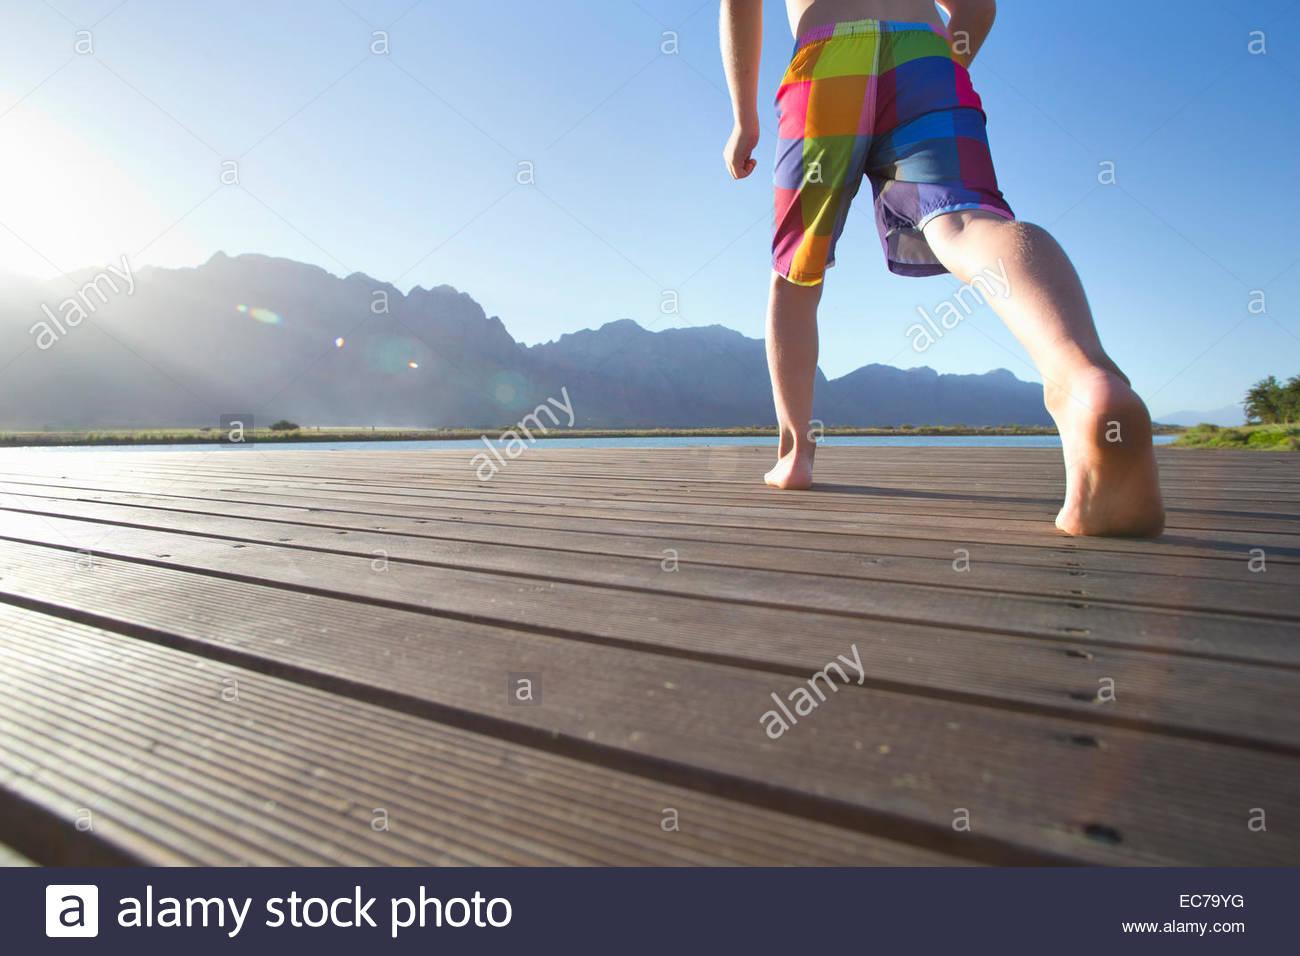 Niño corriendo para saltar a un lago desde un embarcadero Imagen De Stock